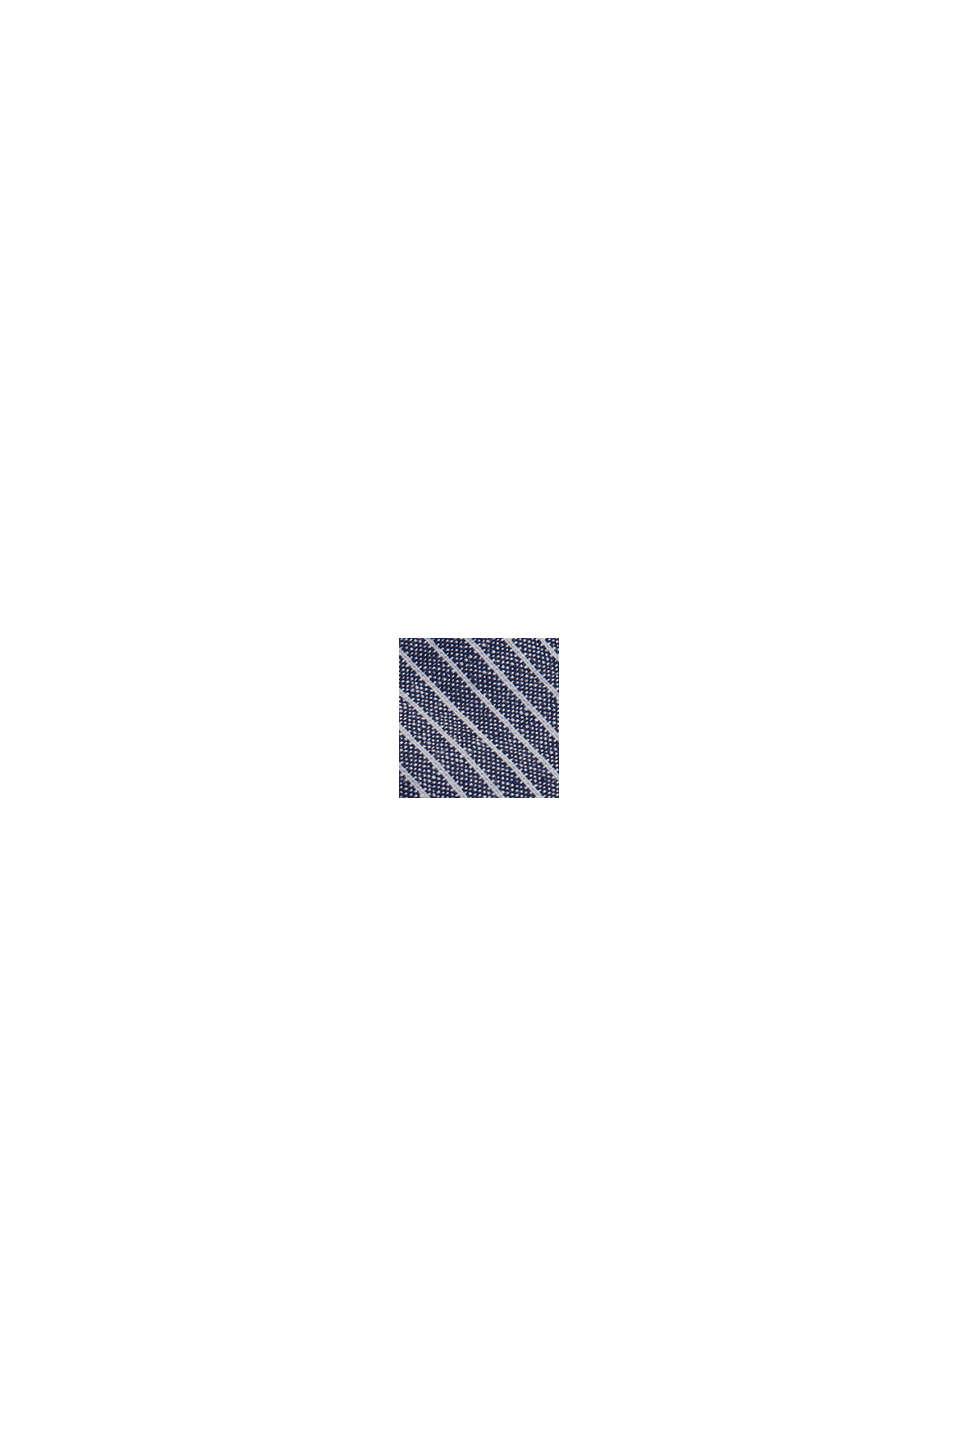 Z lnem: spodnie w stylu joggersów w paski, DARK BLUE, swatch